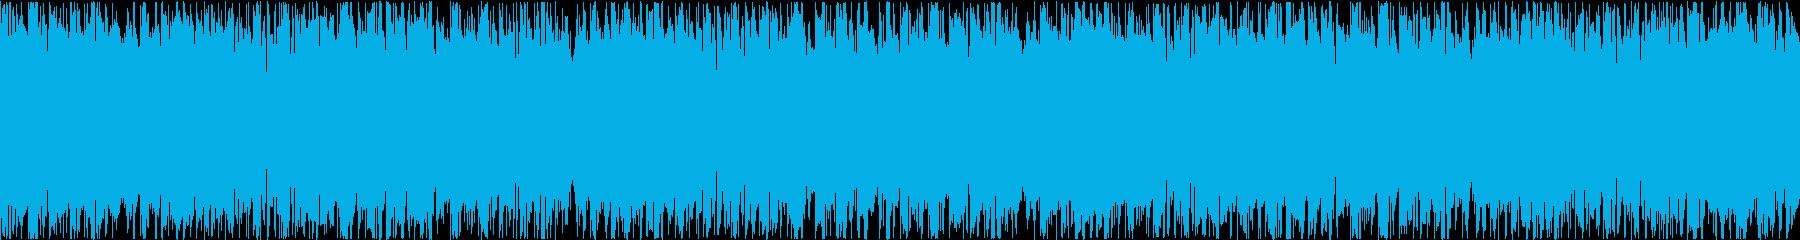 ポップで楽しいEDM(30秒ループ)の再生済みの波形